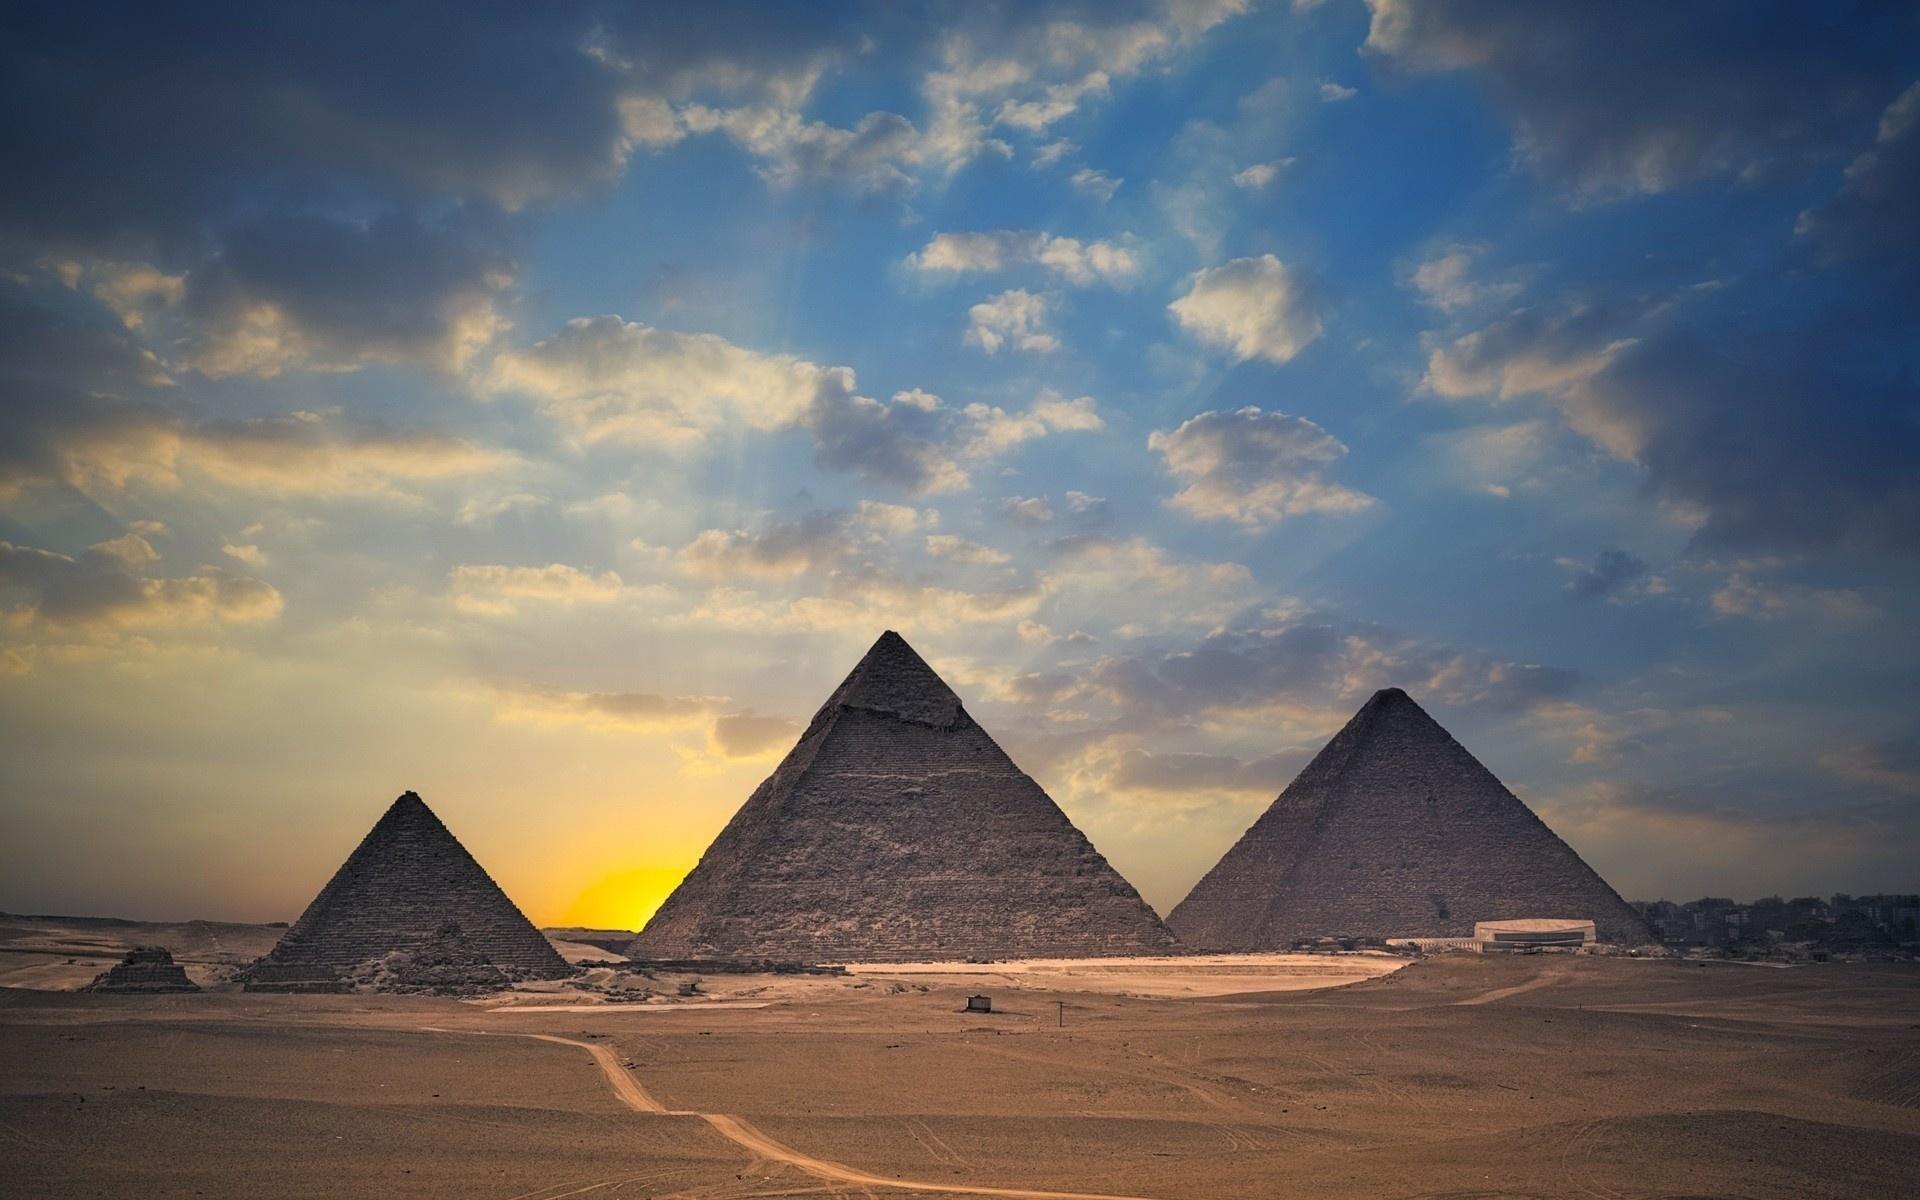 египет картинки красивые качественные после получасового